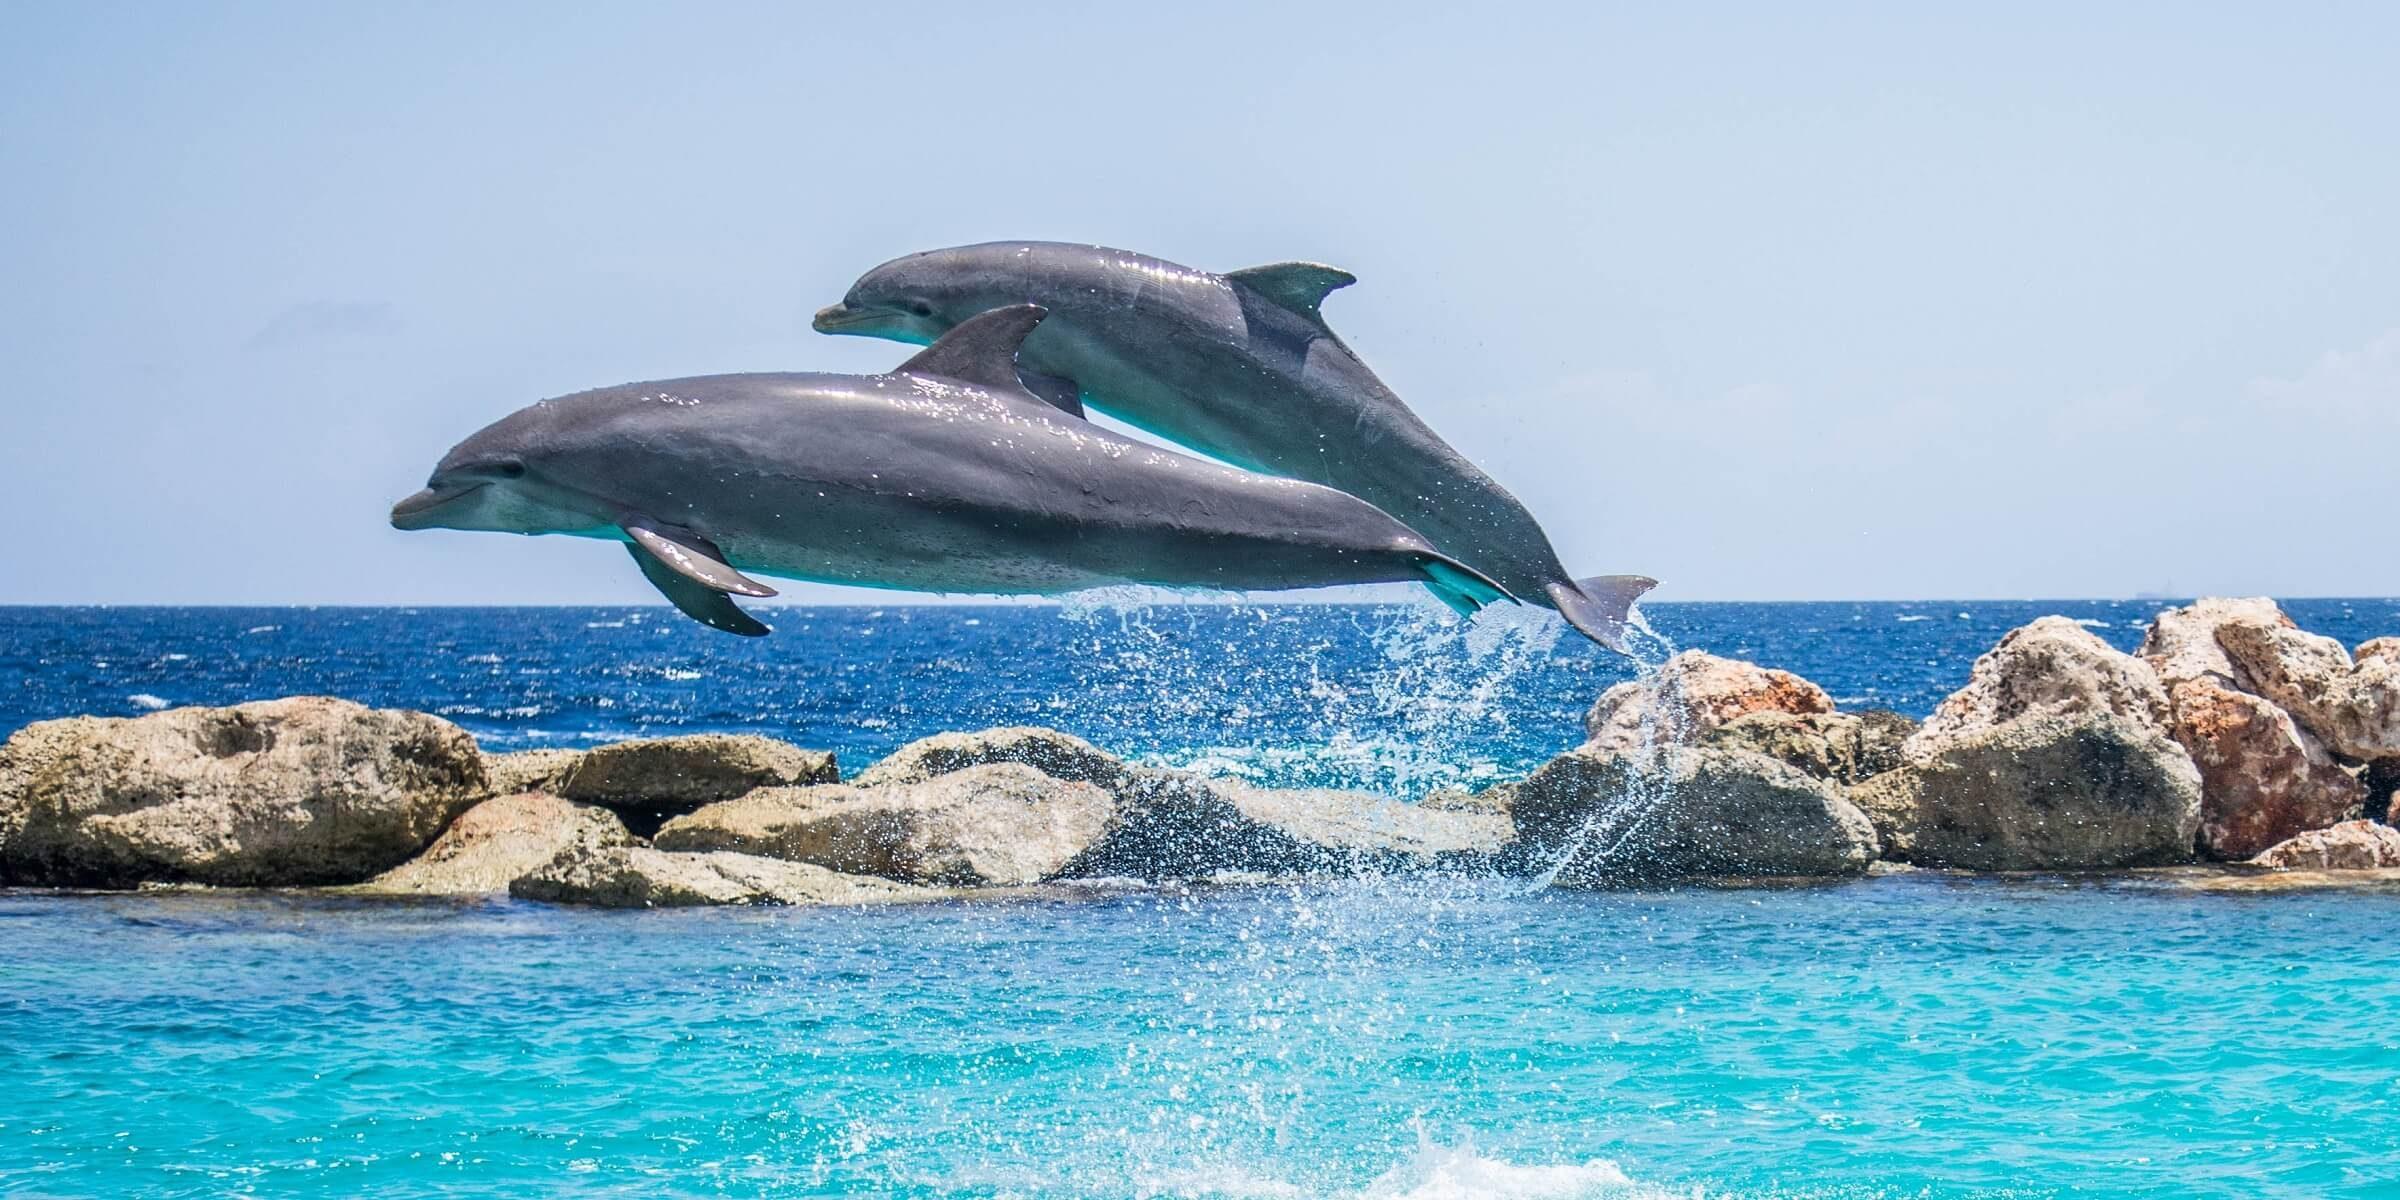 Sehen Sie Delfine in freier Wildbahn